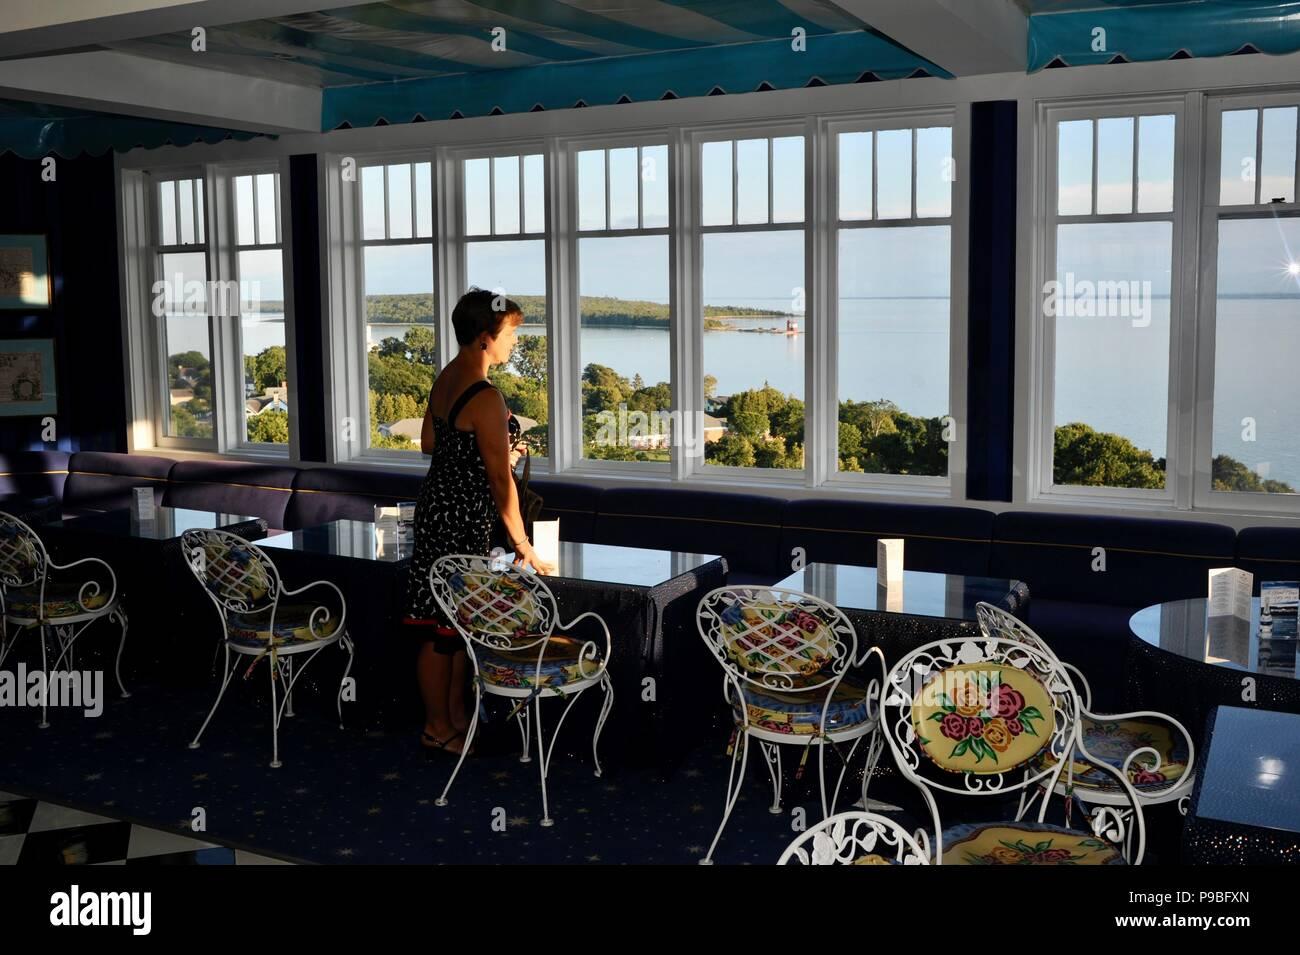 Frau Blick Durch Die Fenster Auf Den See Von Der Kuppel Bar Im Historischen Grand Hotel Resort Insel Mackinac Island Michigan Usa Stockfotografie Alamy